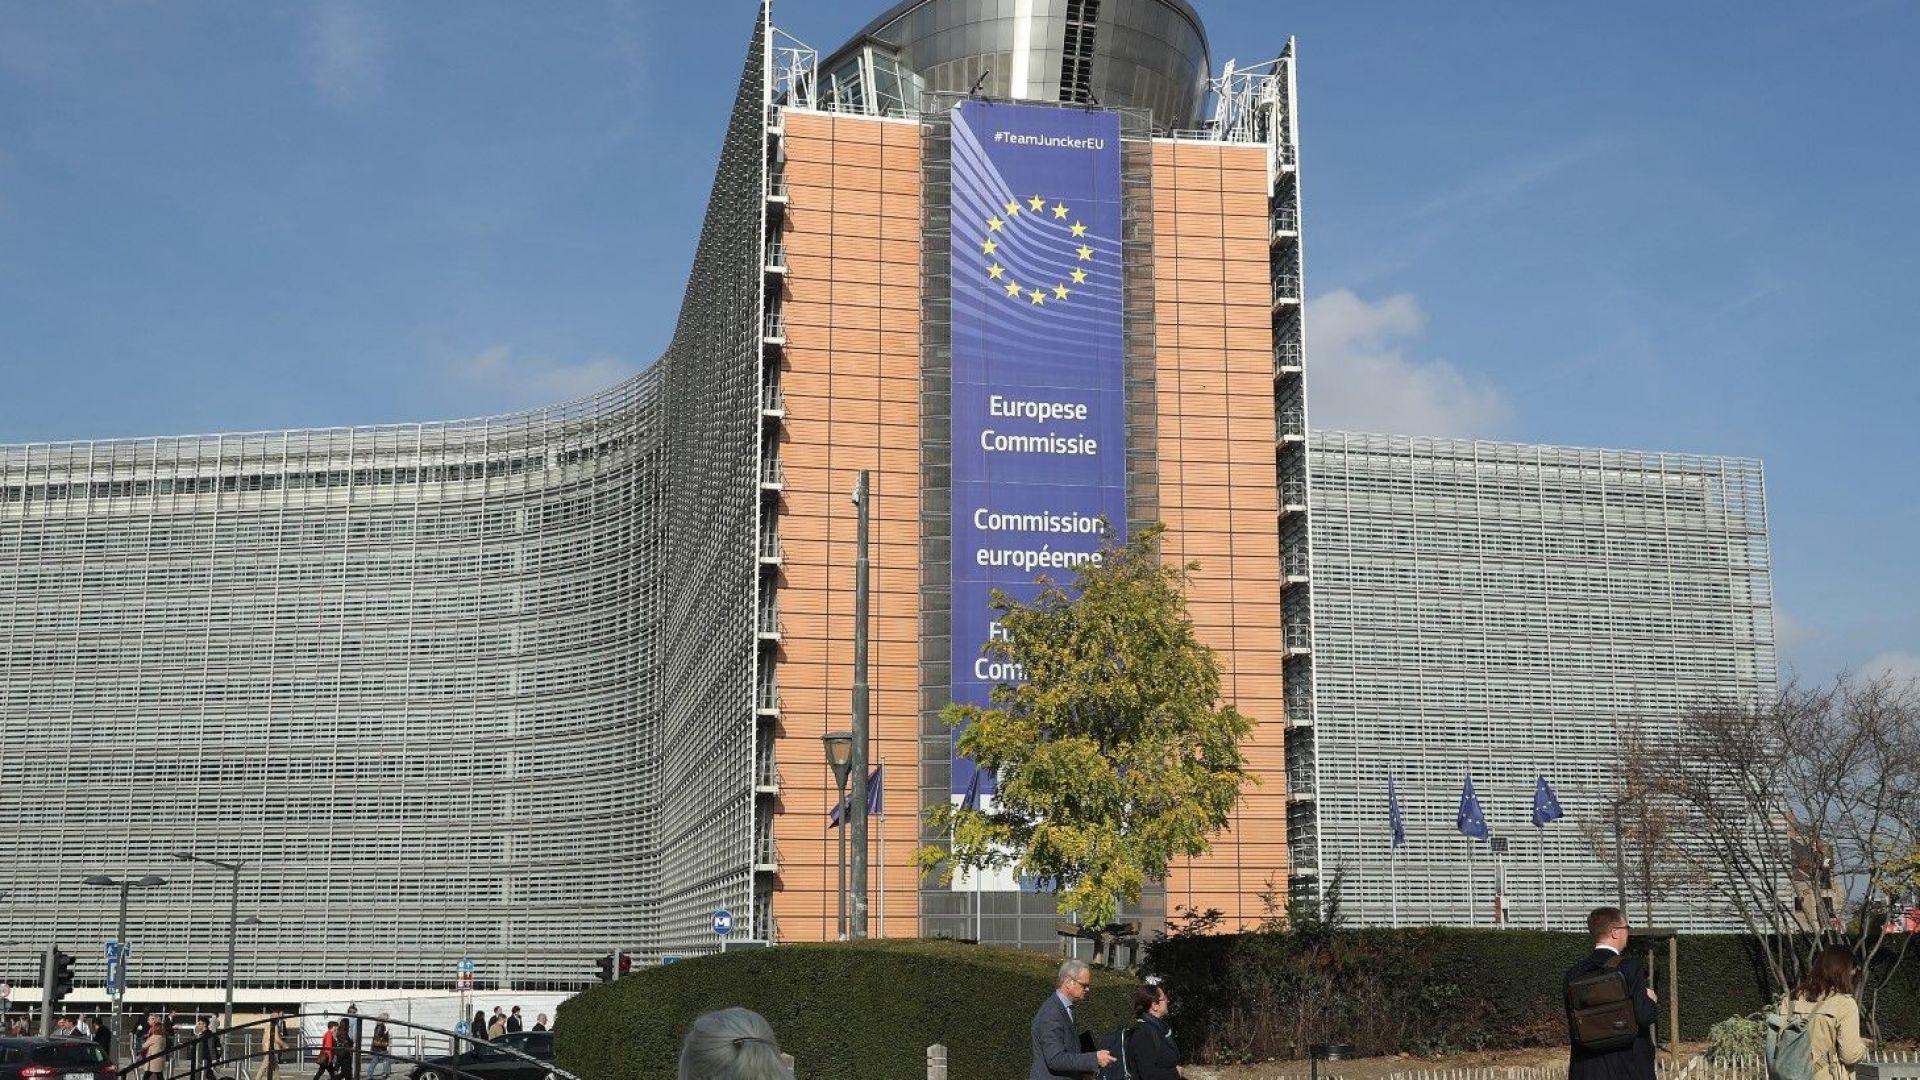 Българите остават сред най-големите оптимисти за ЕС